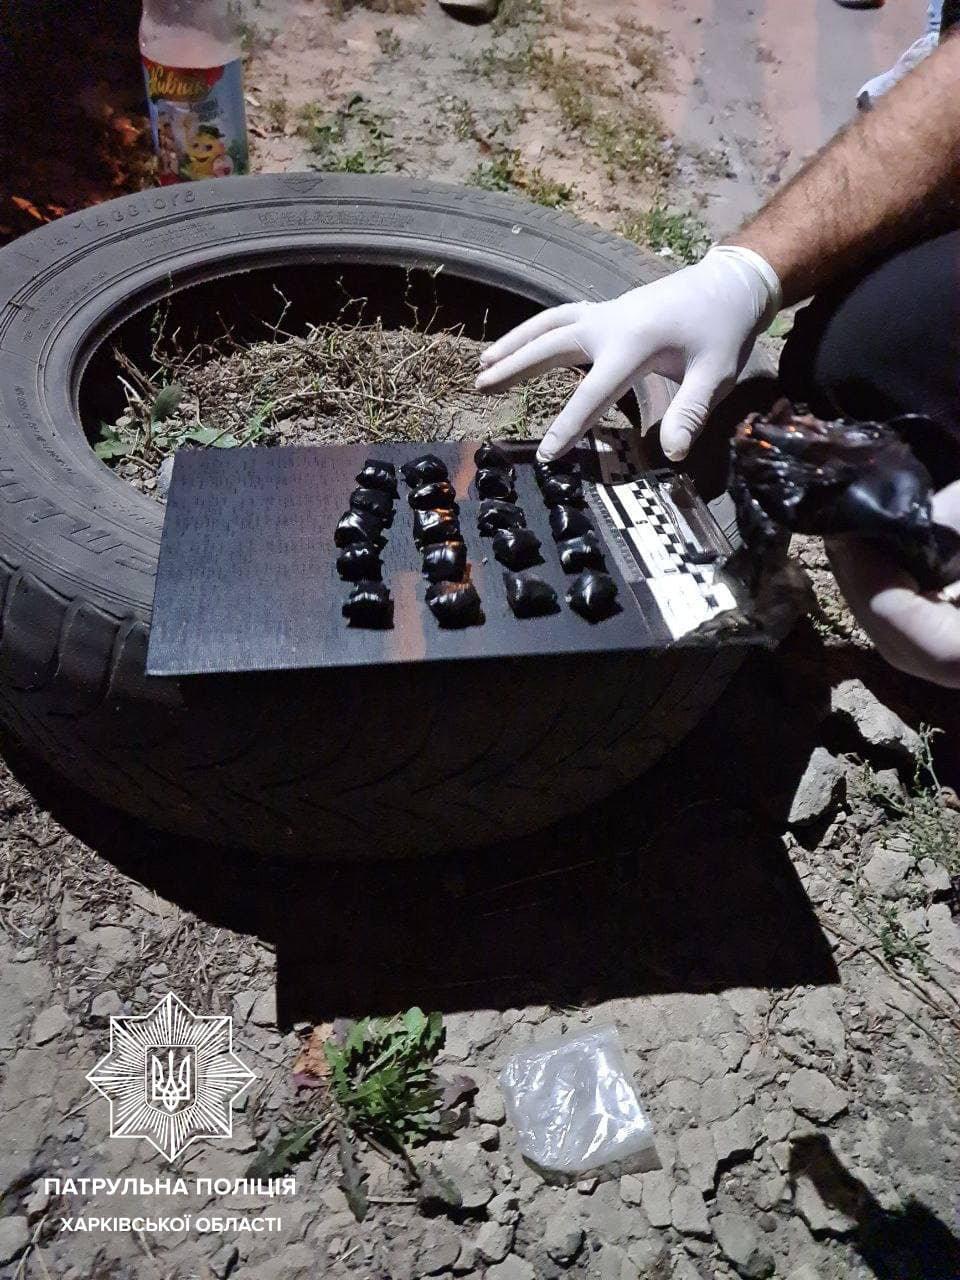 Прикапывали наркотики в землю: в Харькове полицейские задержали двух «закладчиков», - ФОТО, фото-1